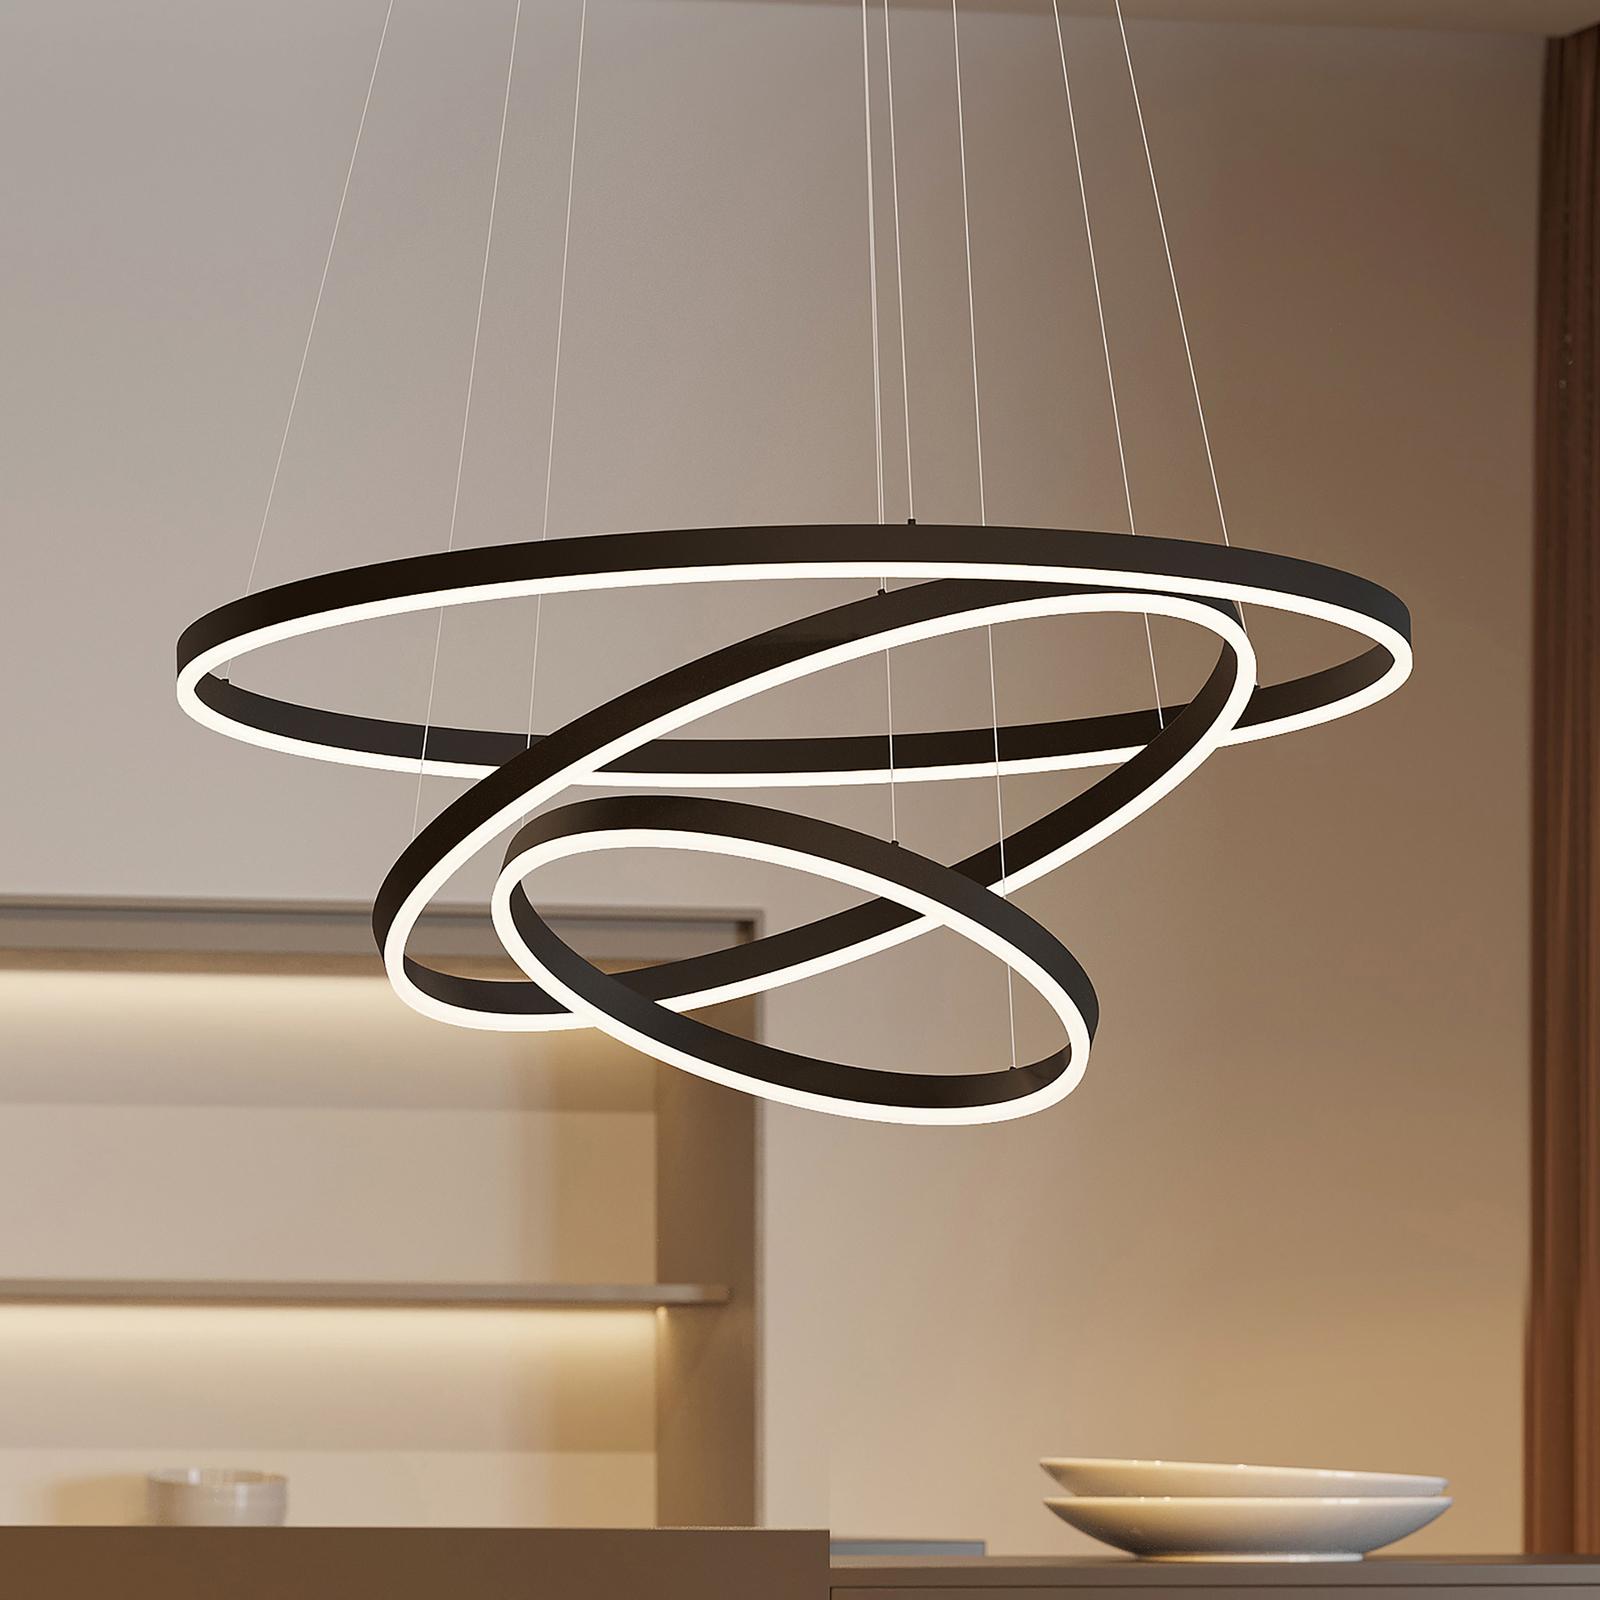 Arcchio Albiona LED-Hängeleuchte, schwarz, 3 Ringe